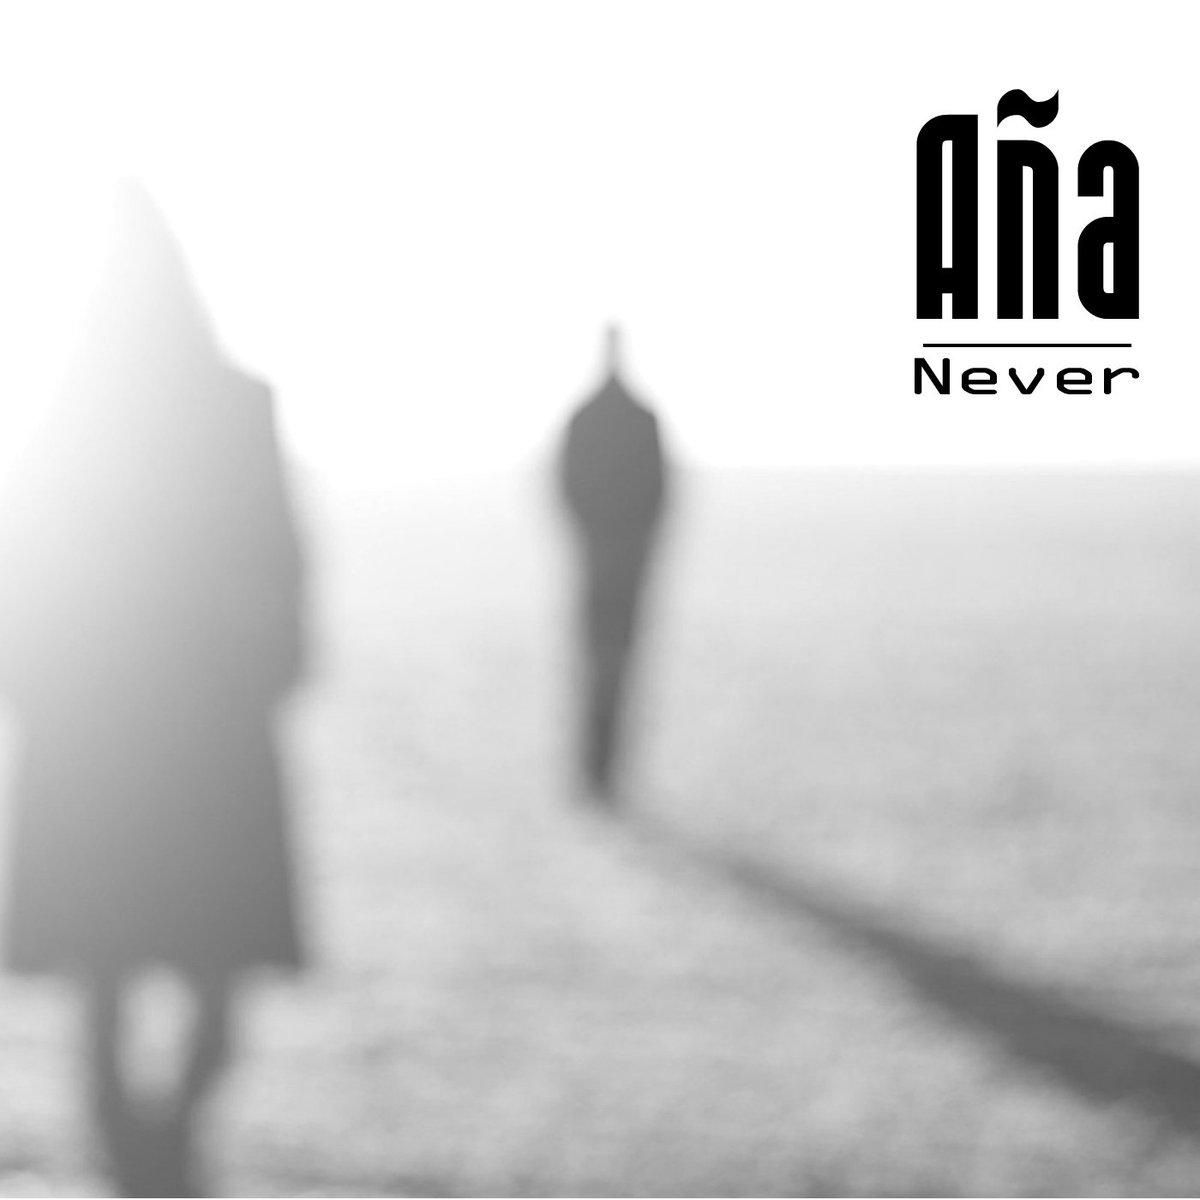 [ITW] Le duo Aña nous a parlé de sa musique trip wave saupoudré d&#39; #indie et de son  &quot;Never&quot; sorti tout récemment  http:// bit.ly/2o1dwrc  &nbsp;  <br>http://pic.twitter.com/23CMK5DaBc